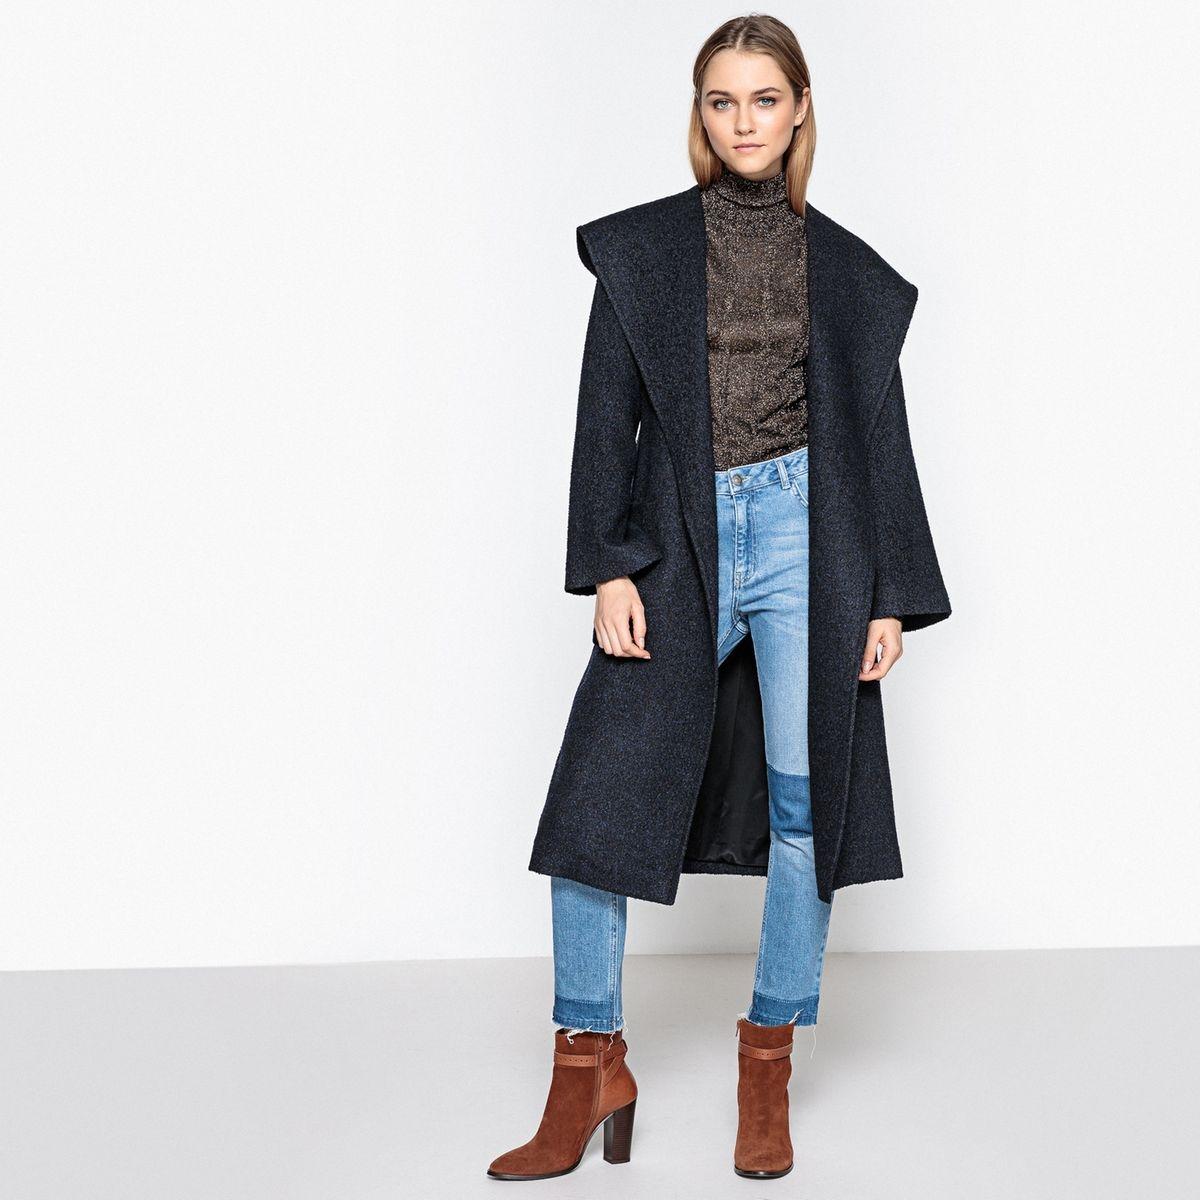 Manteau long à capuche forme peignoir